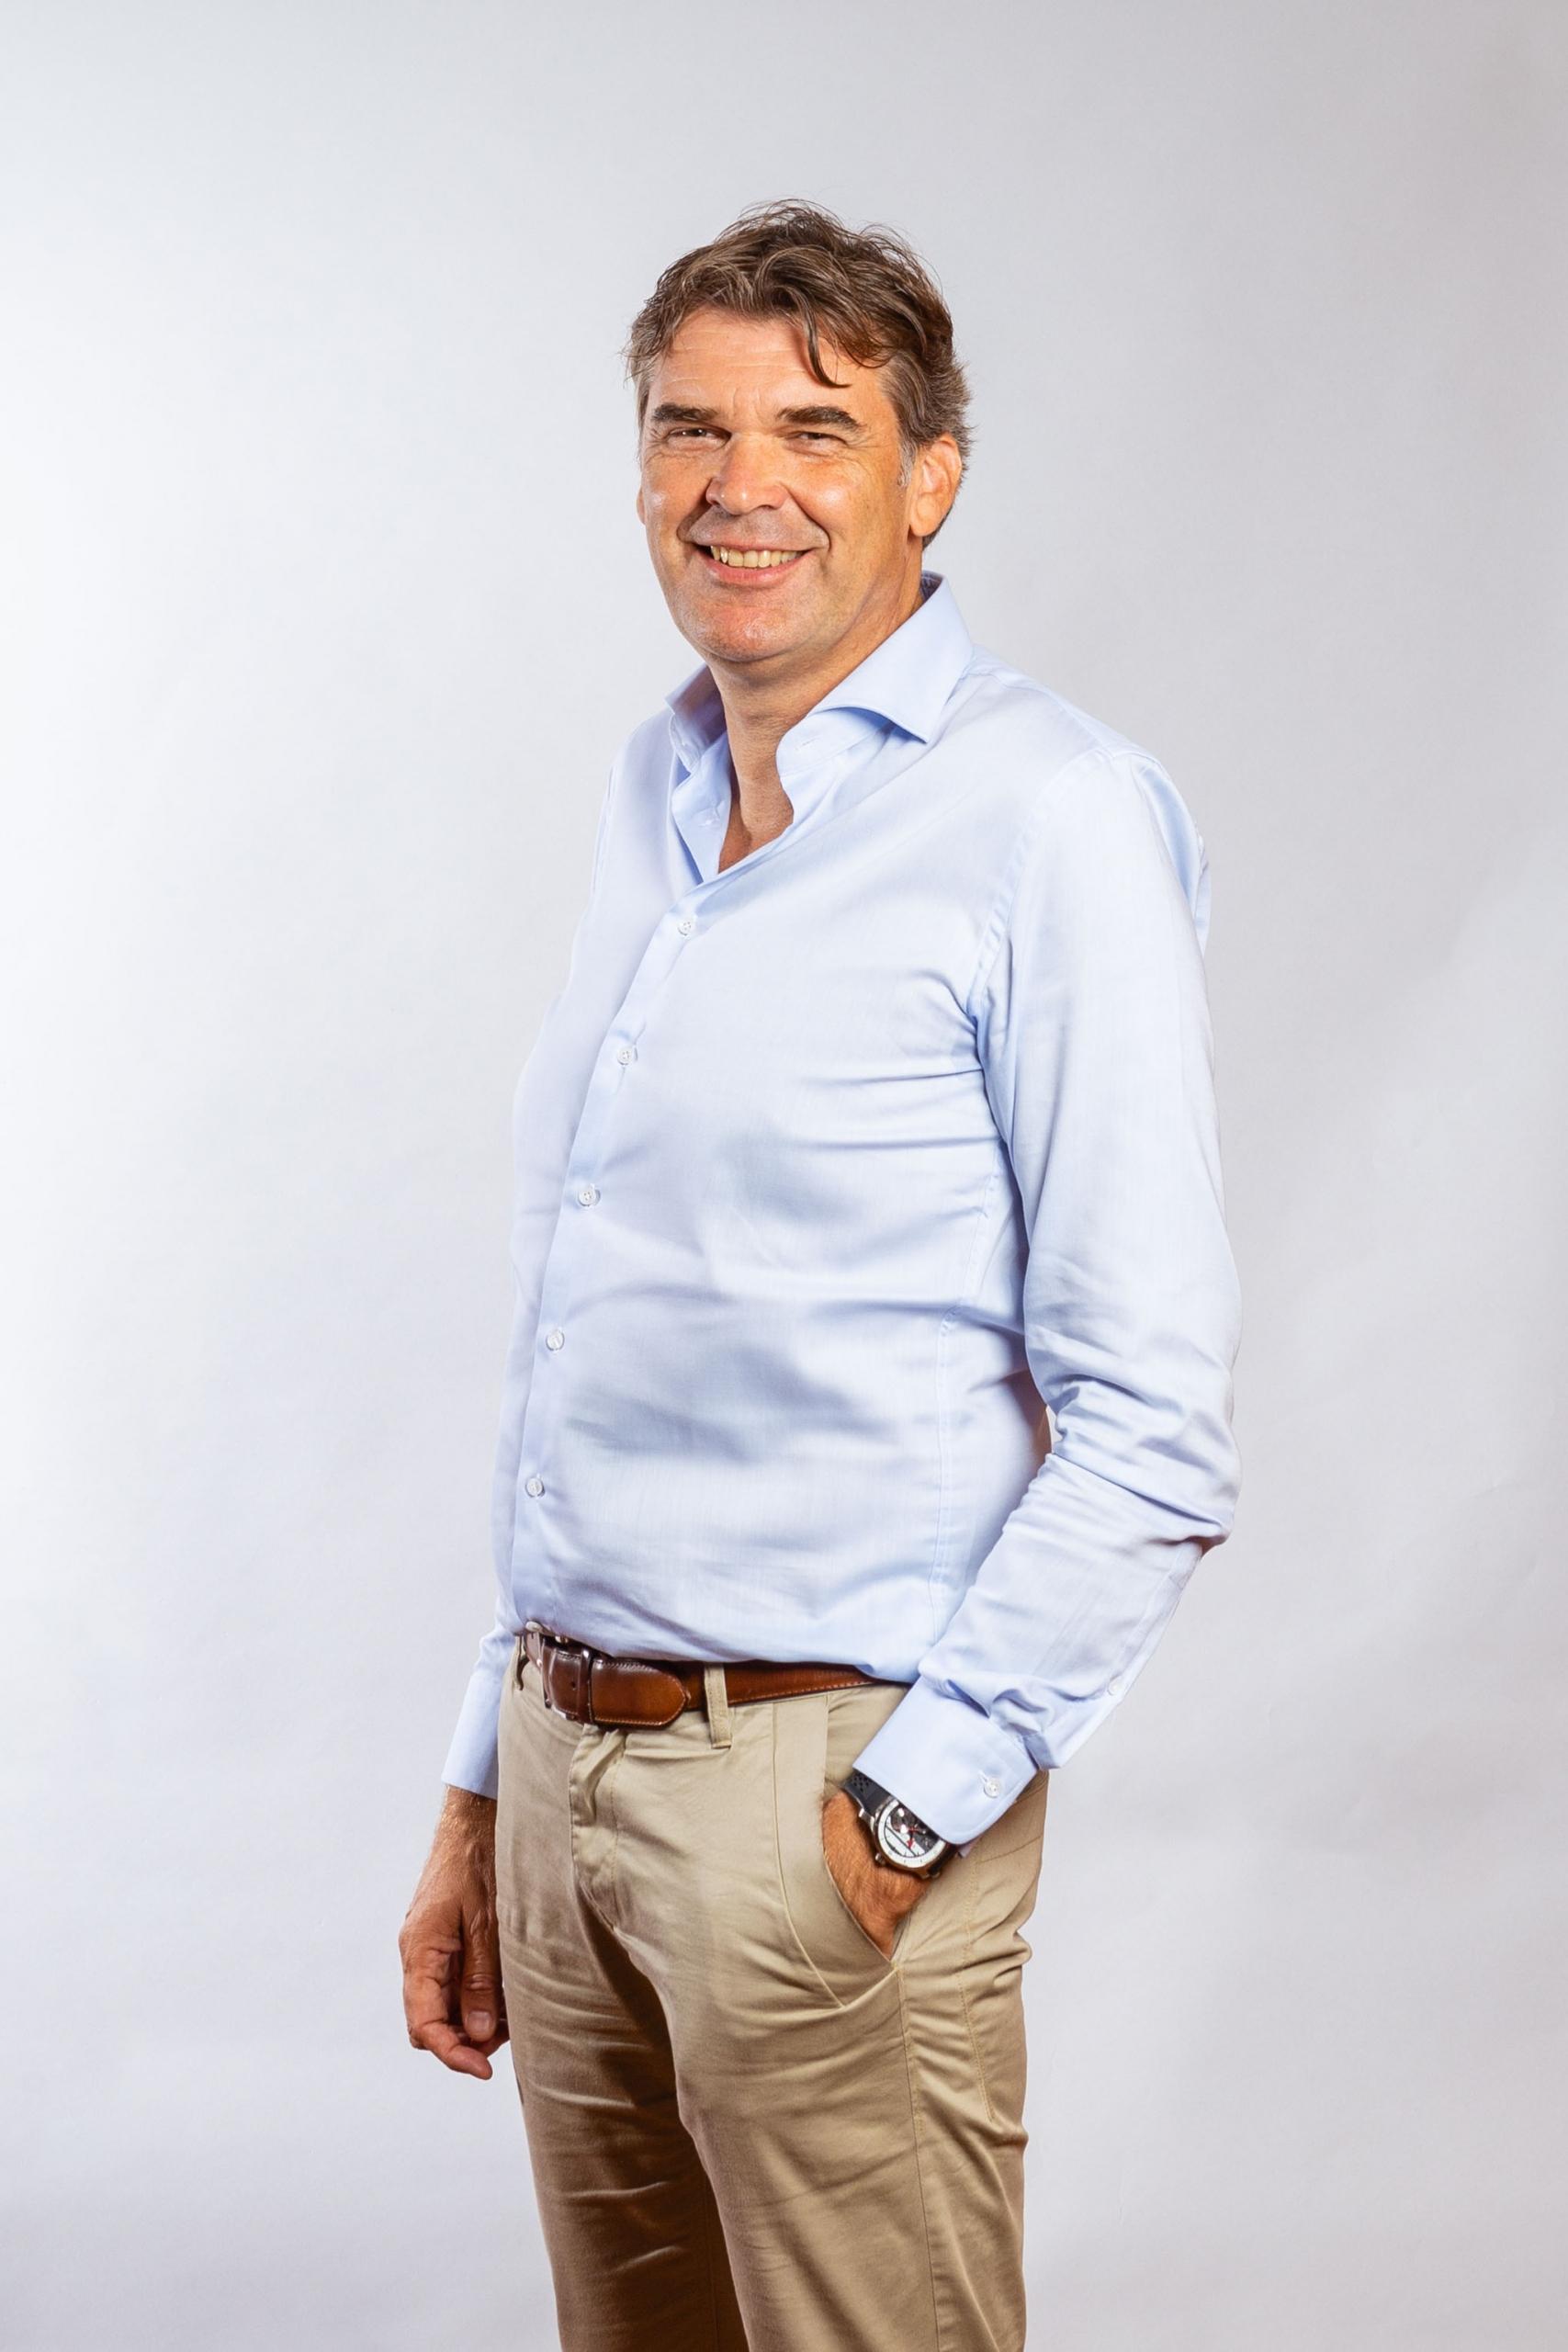 Frank Brandhoff